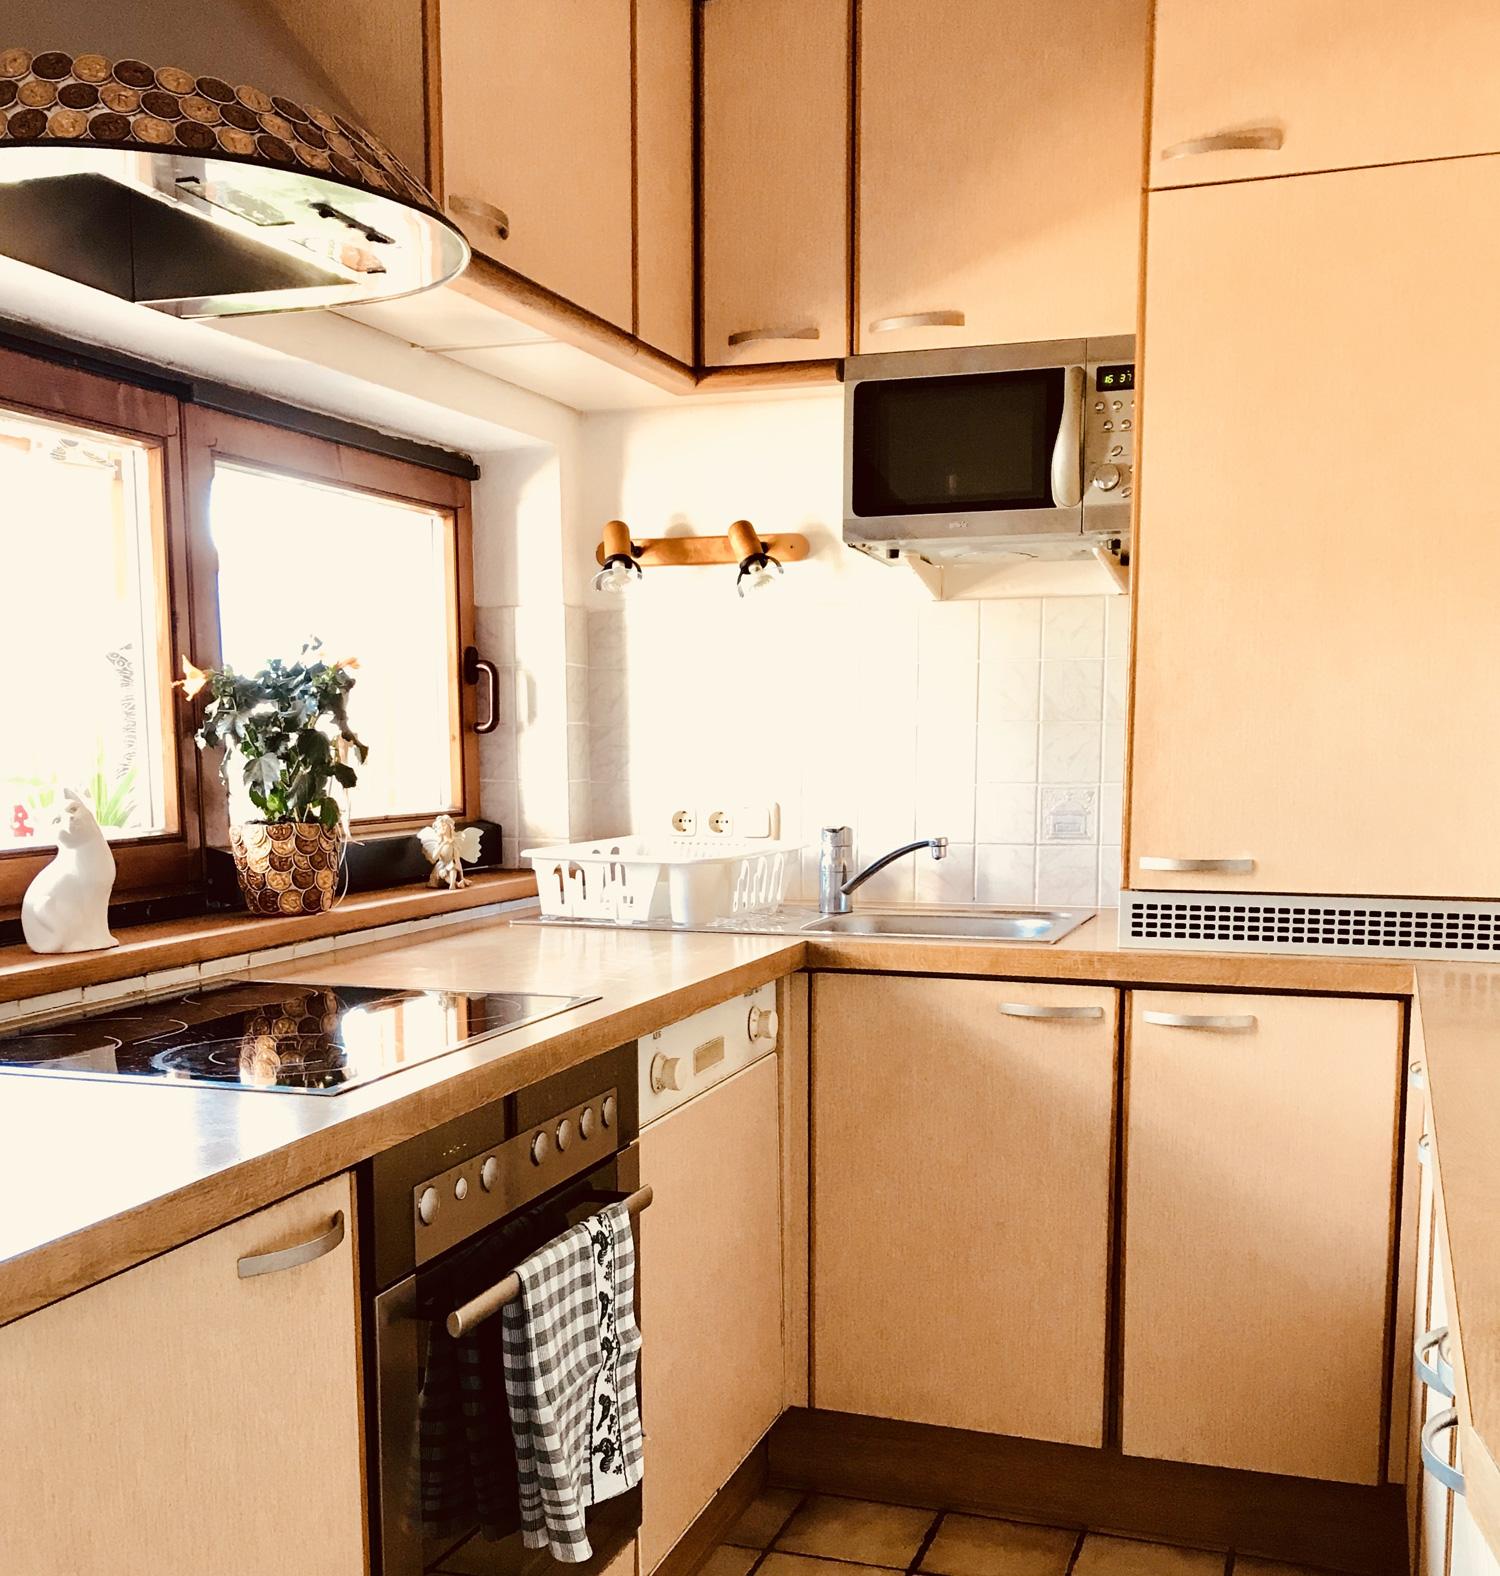 3 zimmer maisonette wohnung in ruhiger sonnenlage josef brunner immobilien. Black Bedroom Furniture Sets. Home Design Ideas